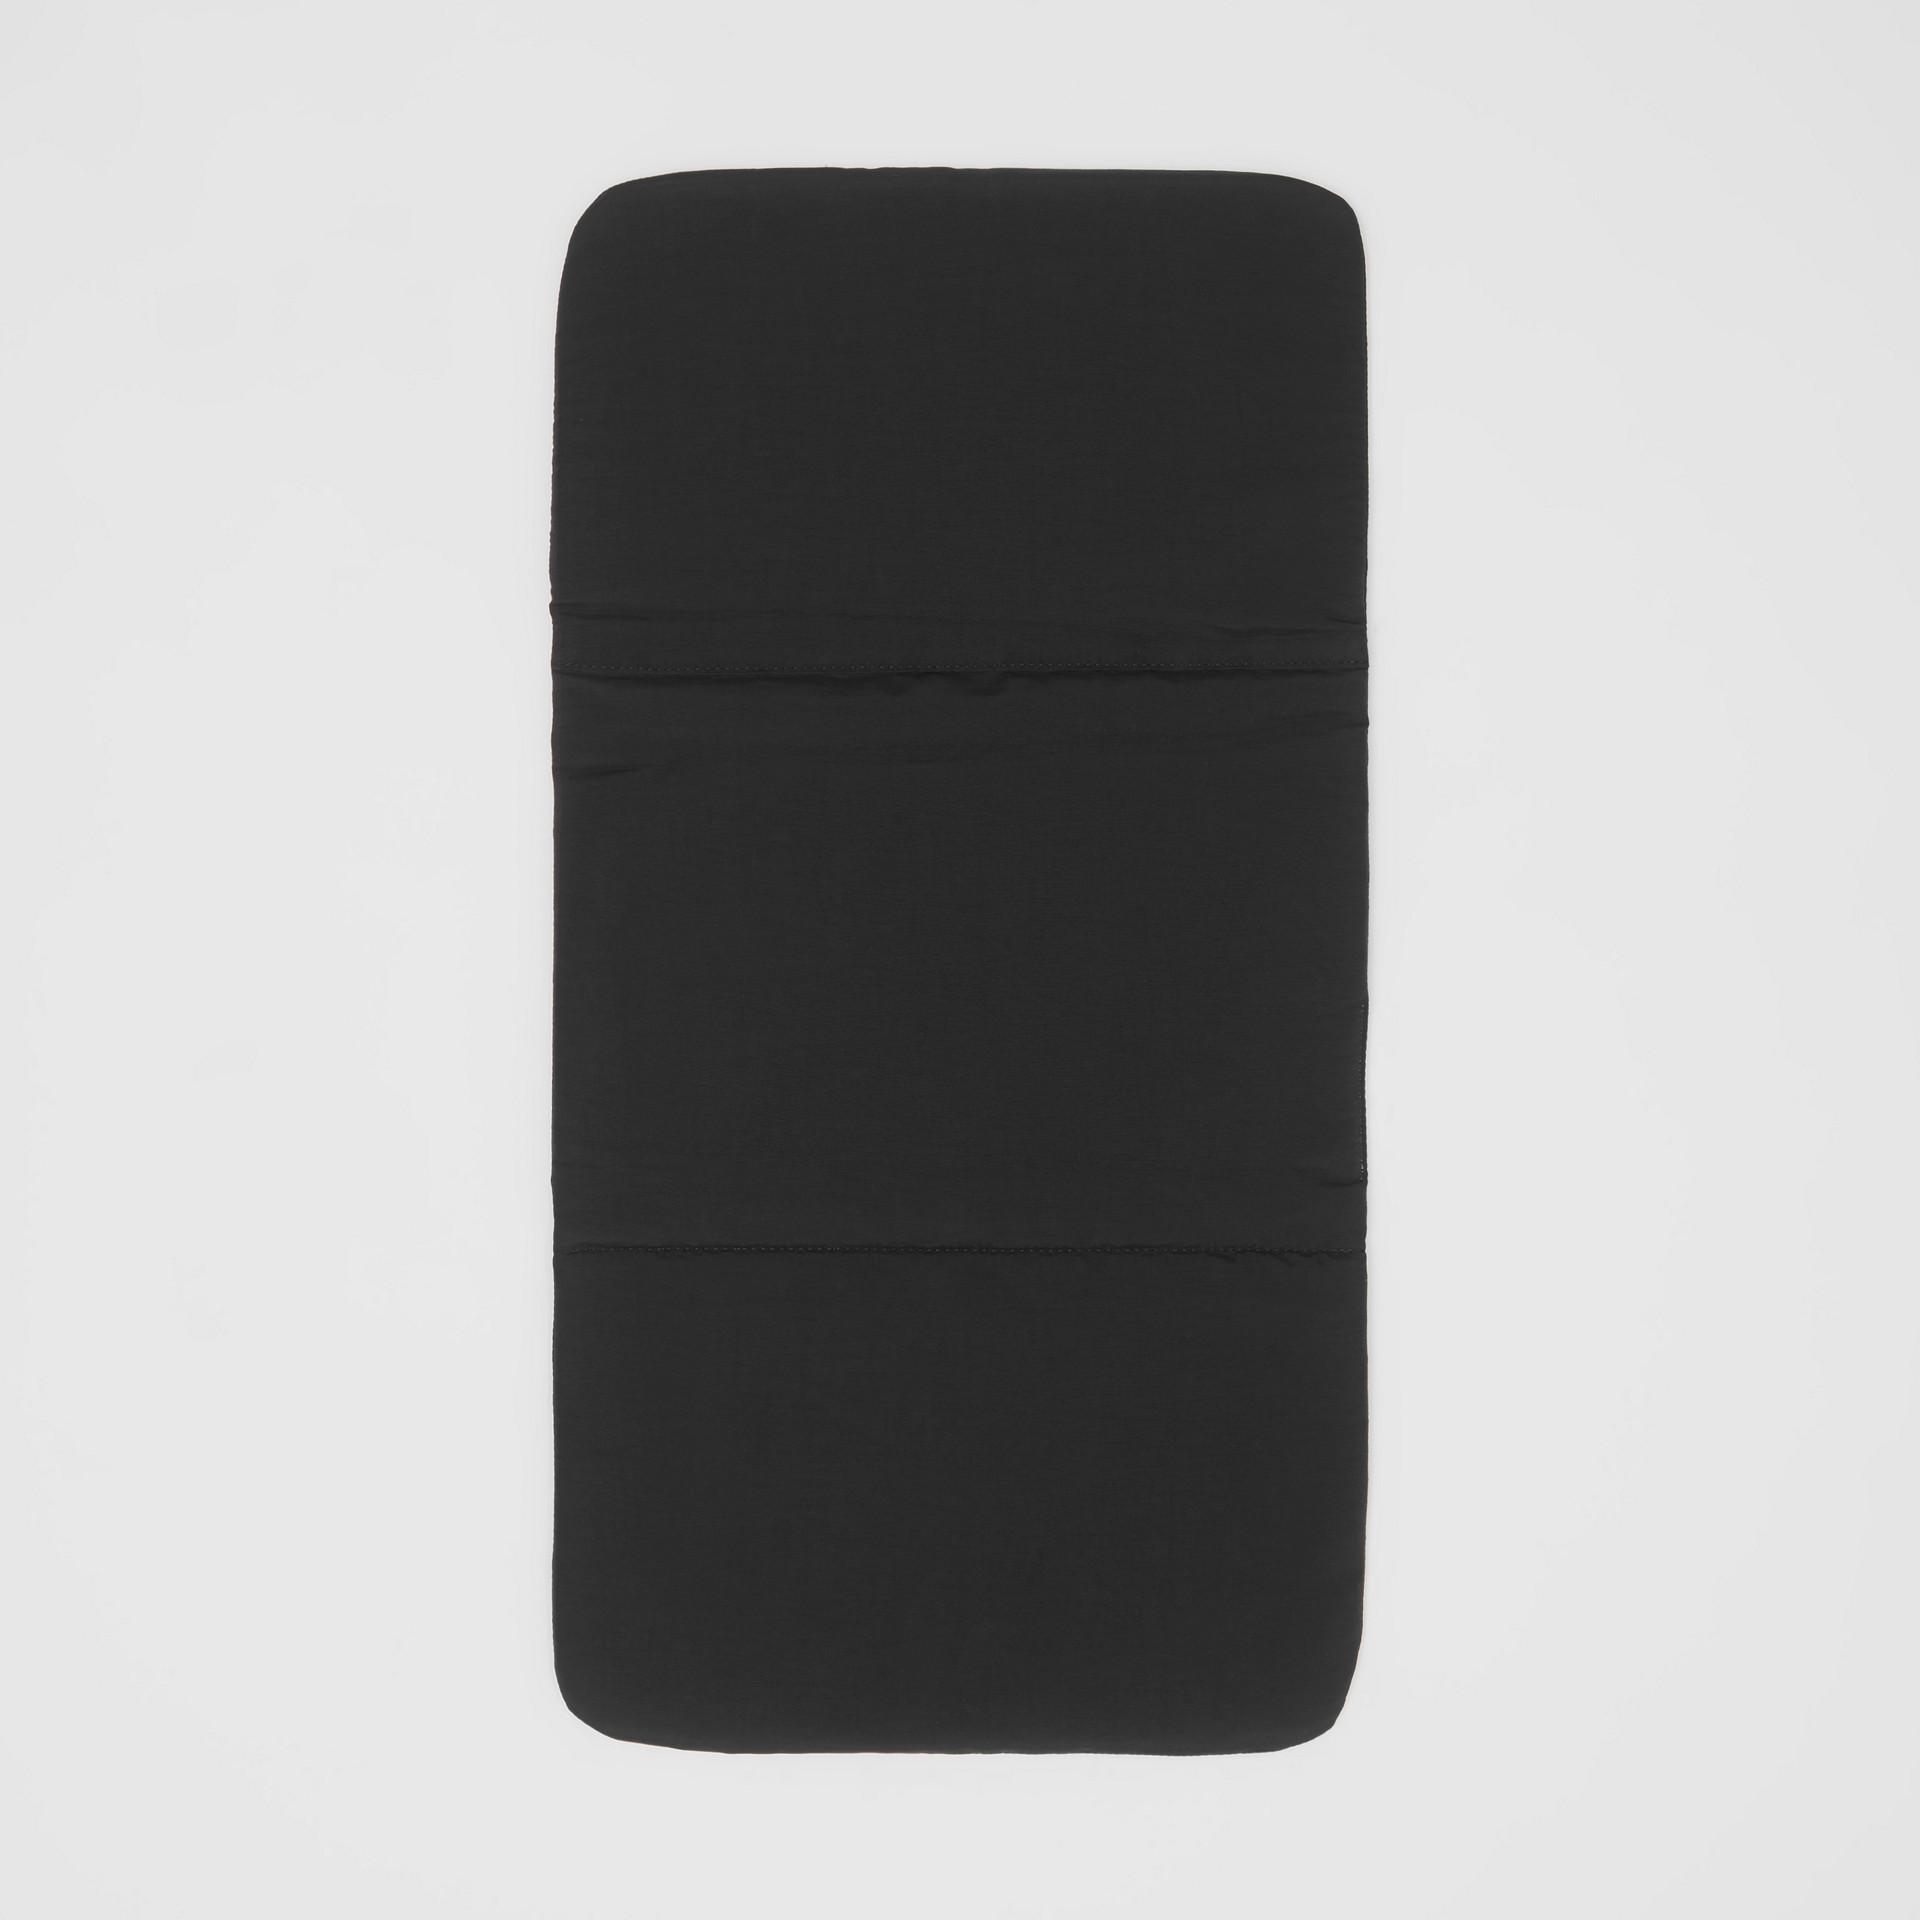 レザートリム ナイロン ベイビーチェンジング バックパック (ブラック) - チルドレンズ | バーバリー - ギャラリーイメージ 3